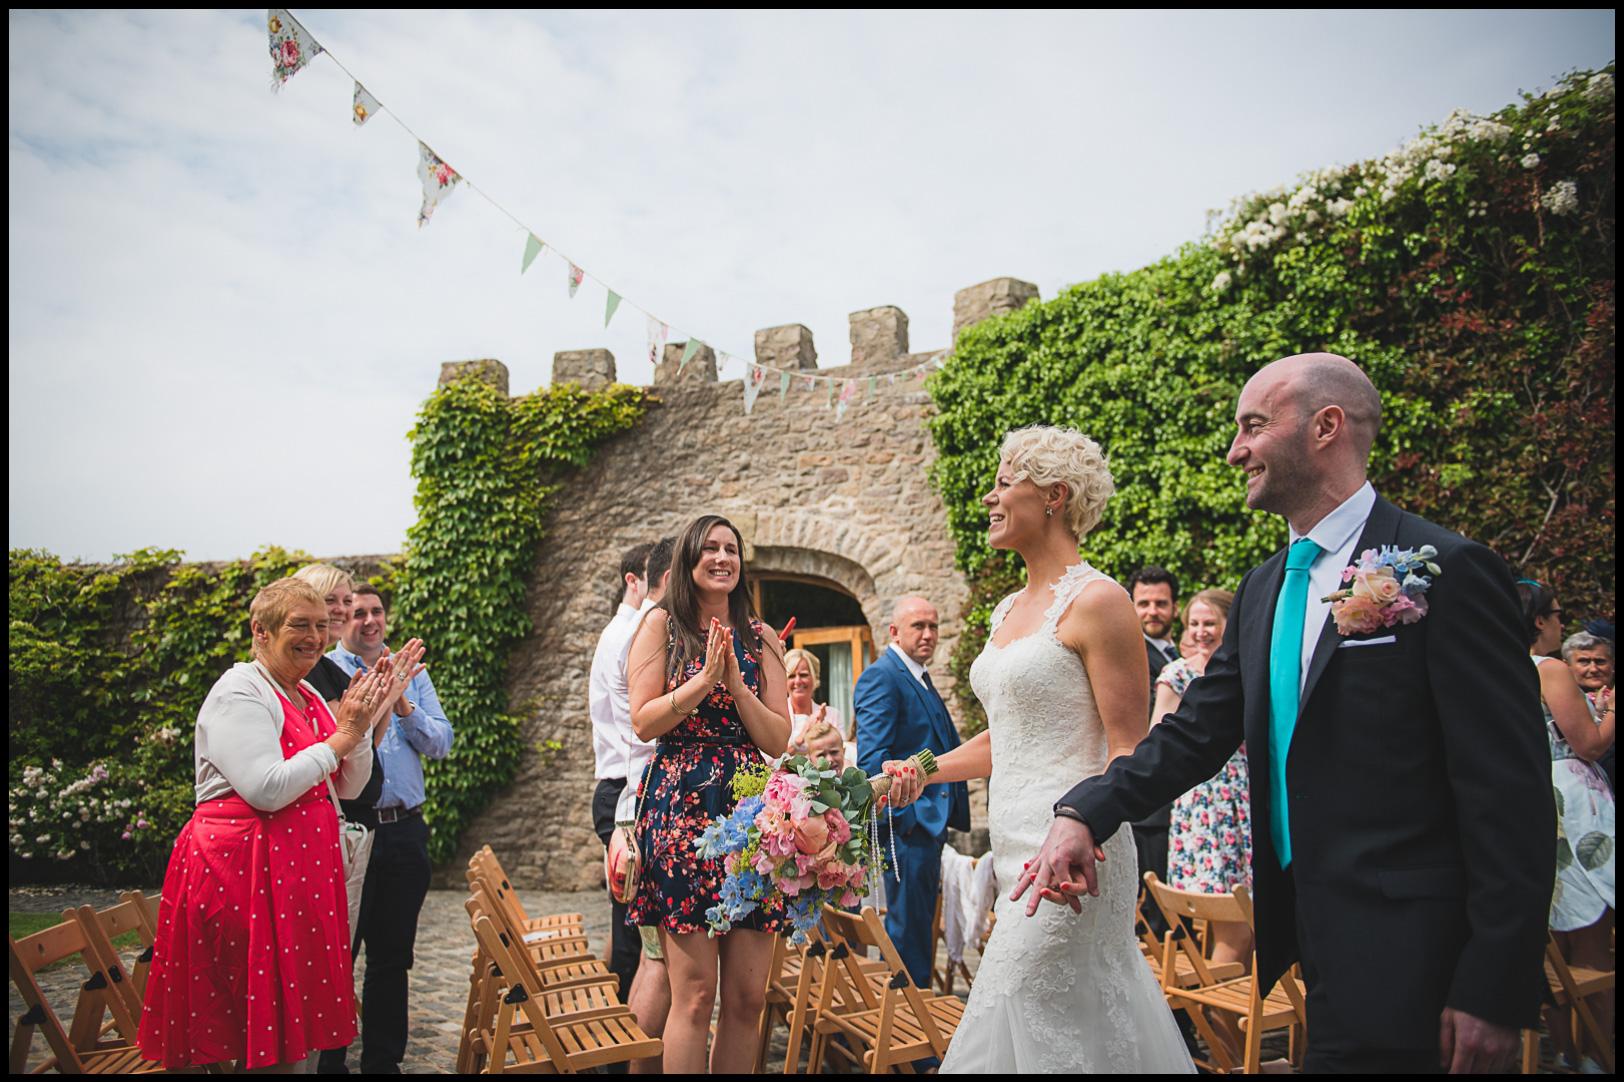 castle-wedding-venue-england.jpg